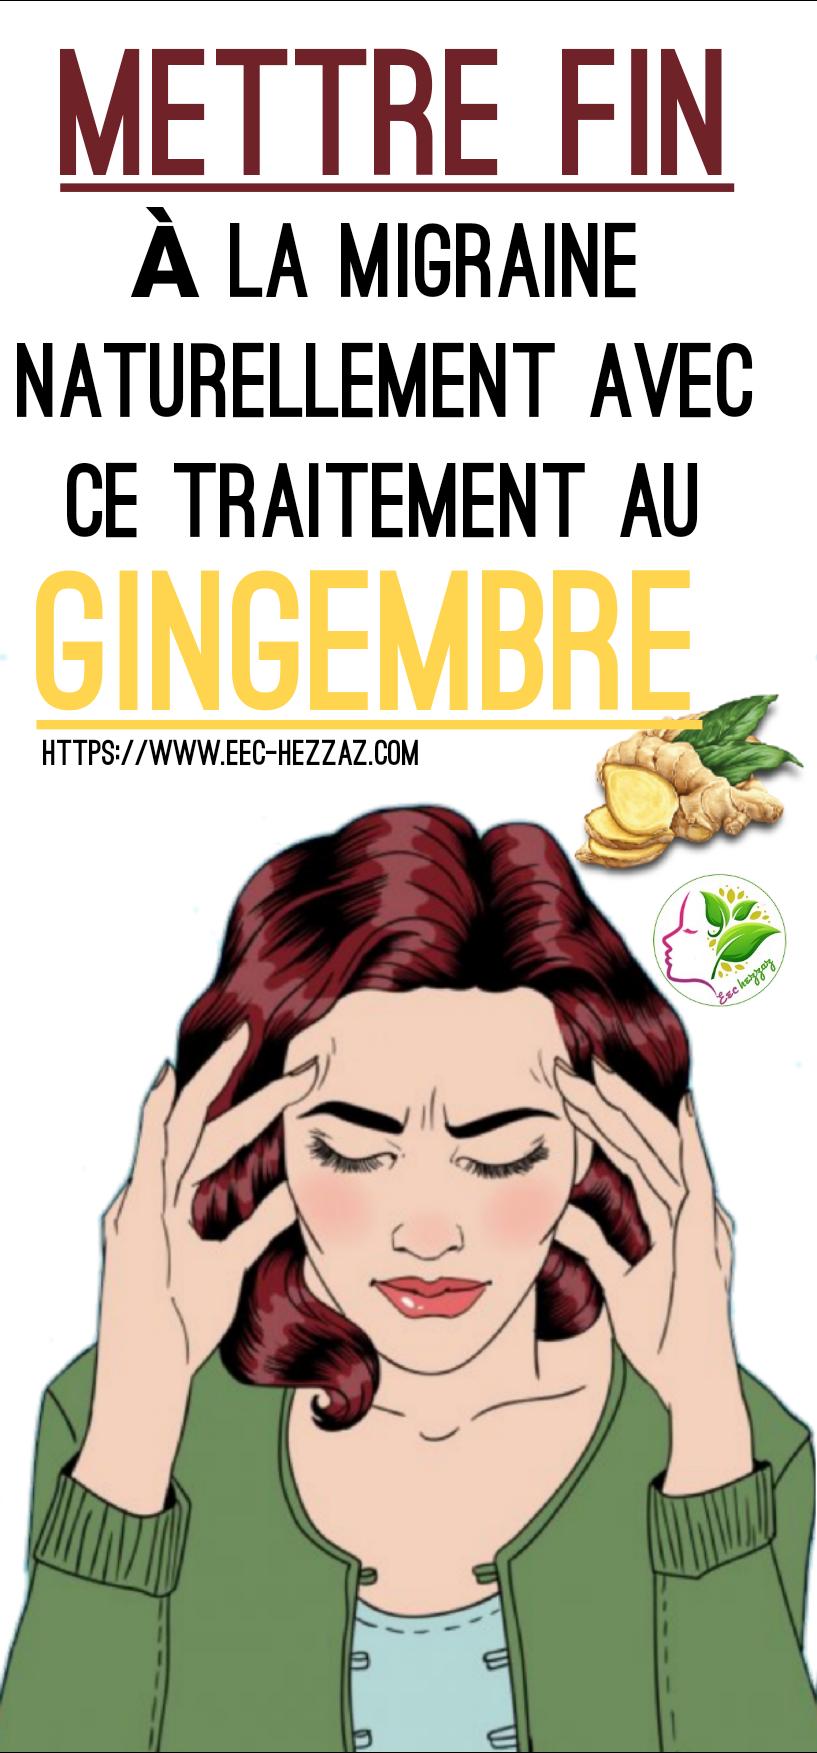 Mettre fin à la migraine naturellement avec ce traitement au gingembre